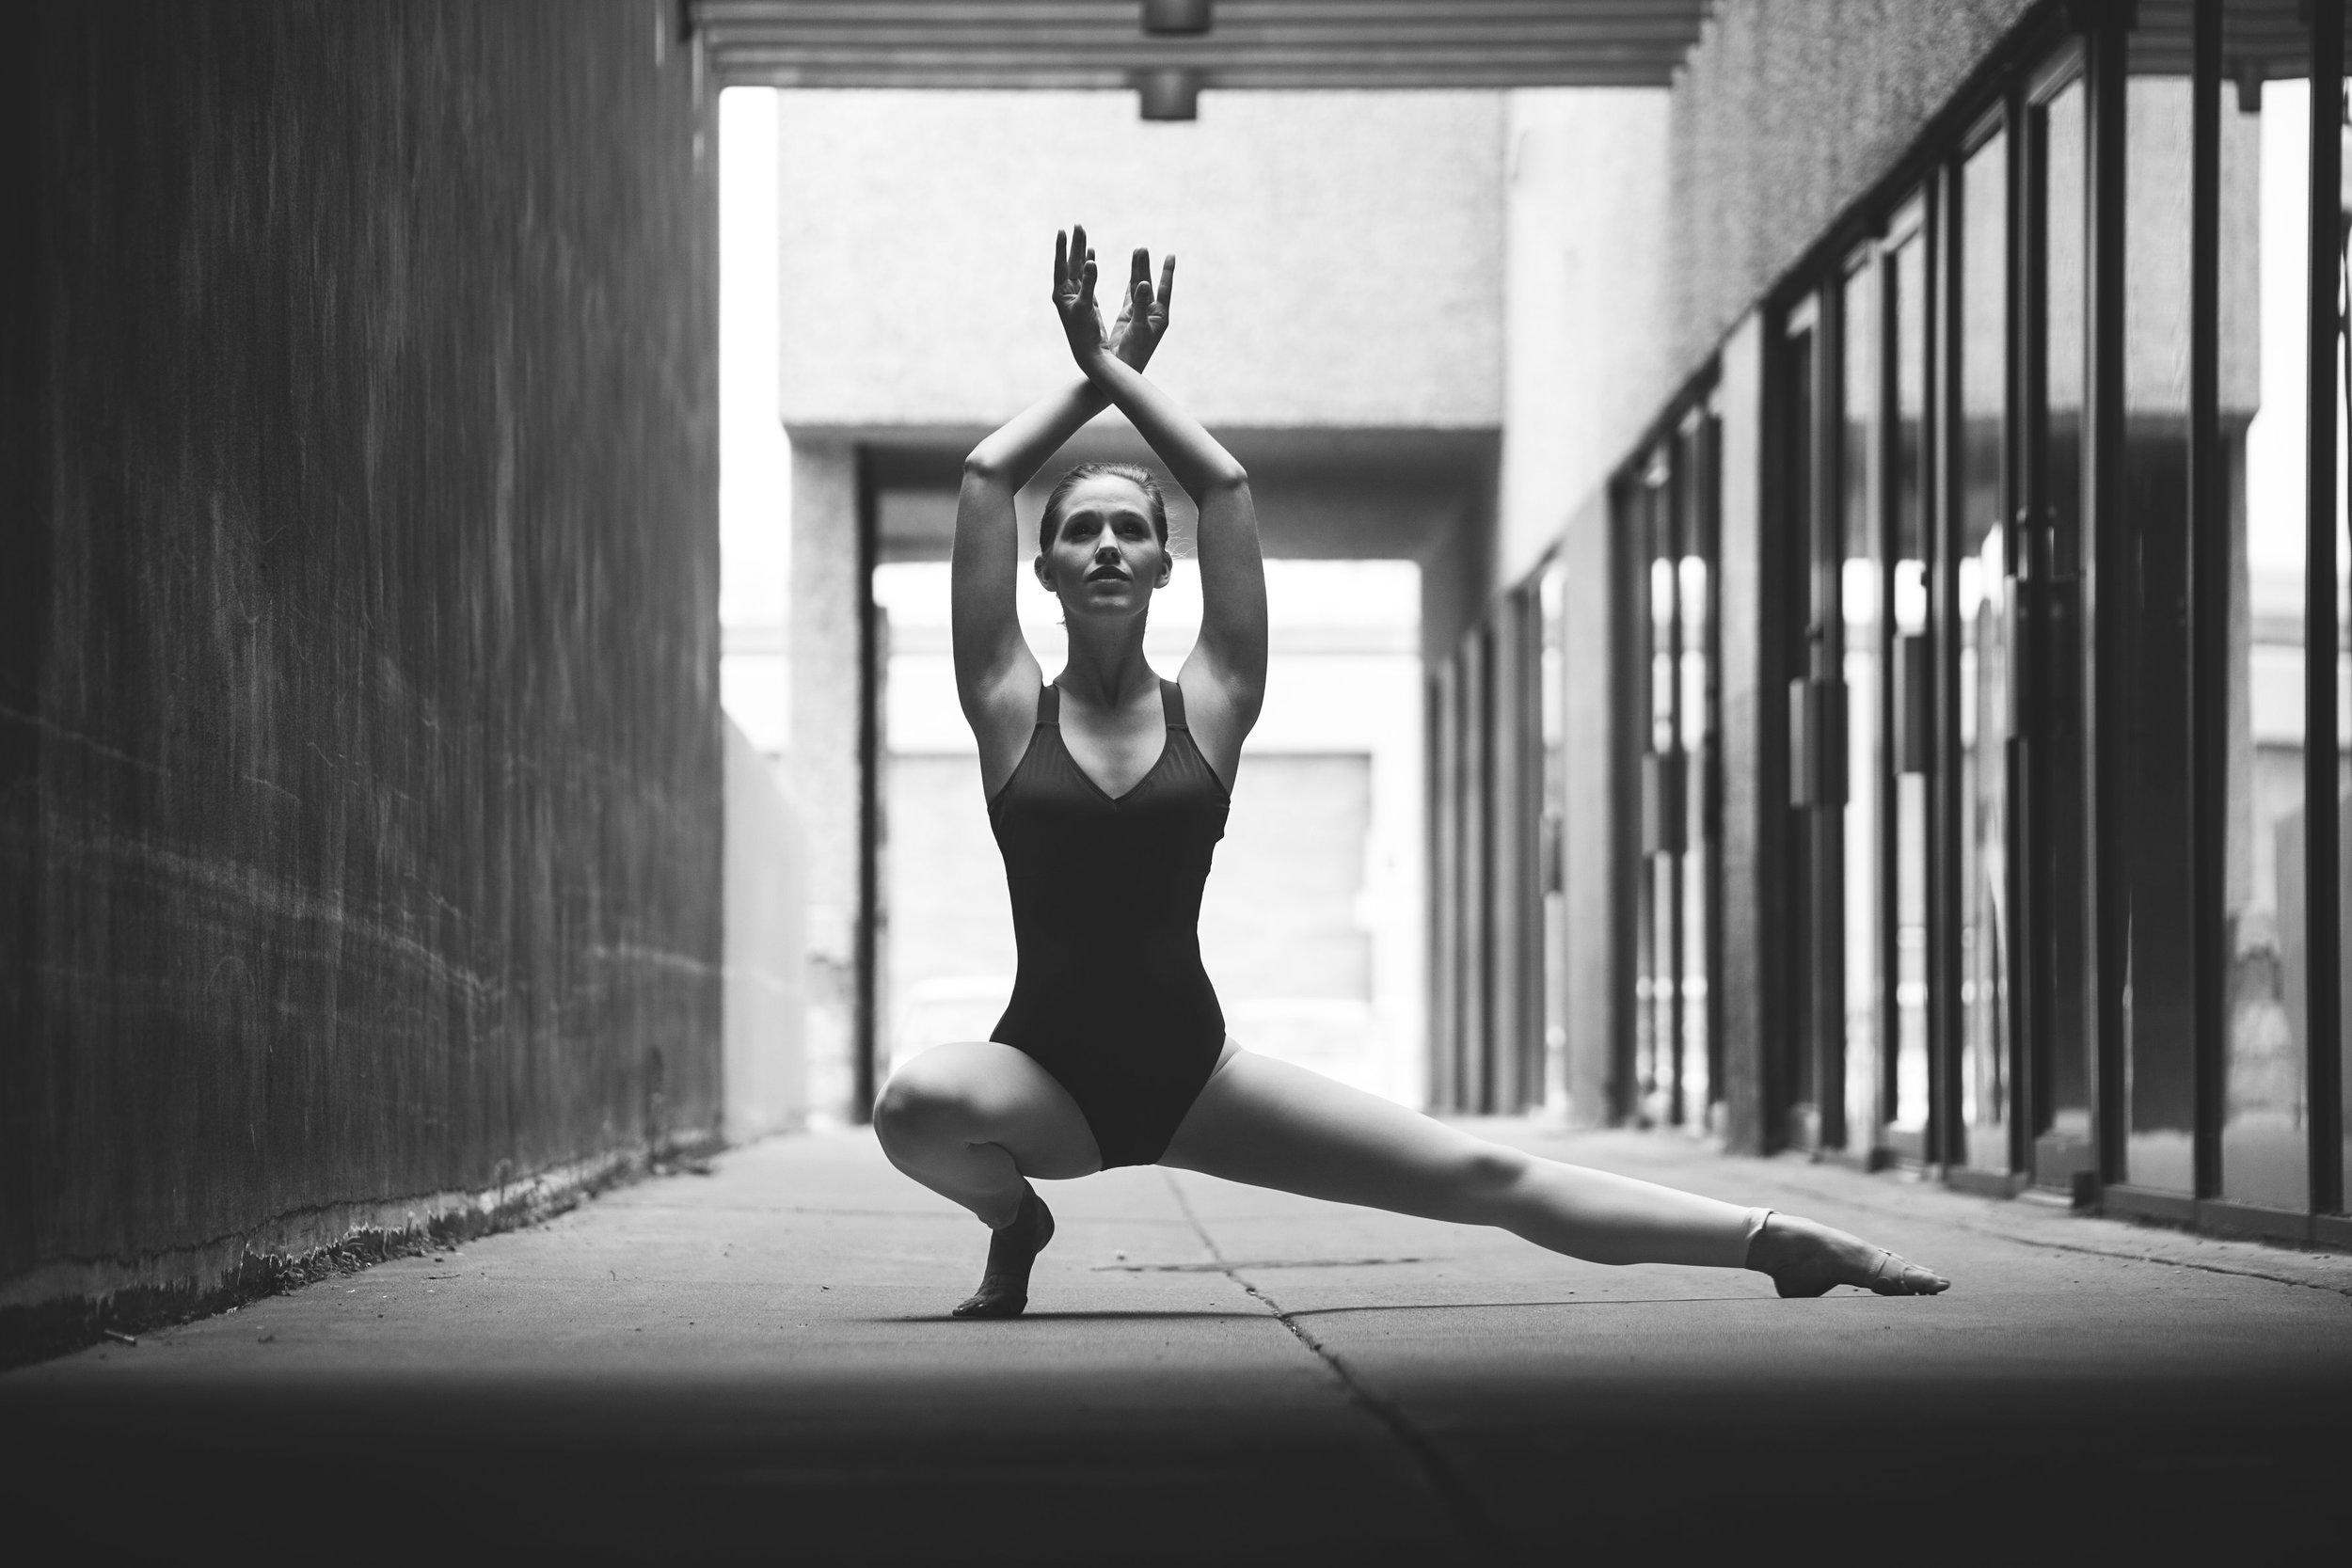 Chelsey Grant Dance image 1.jpg